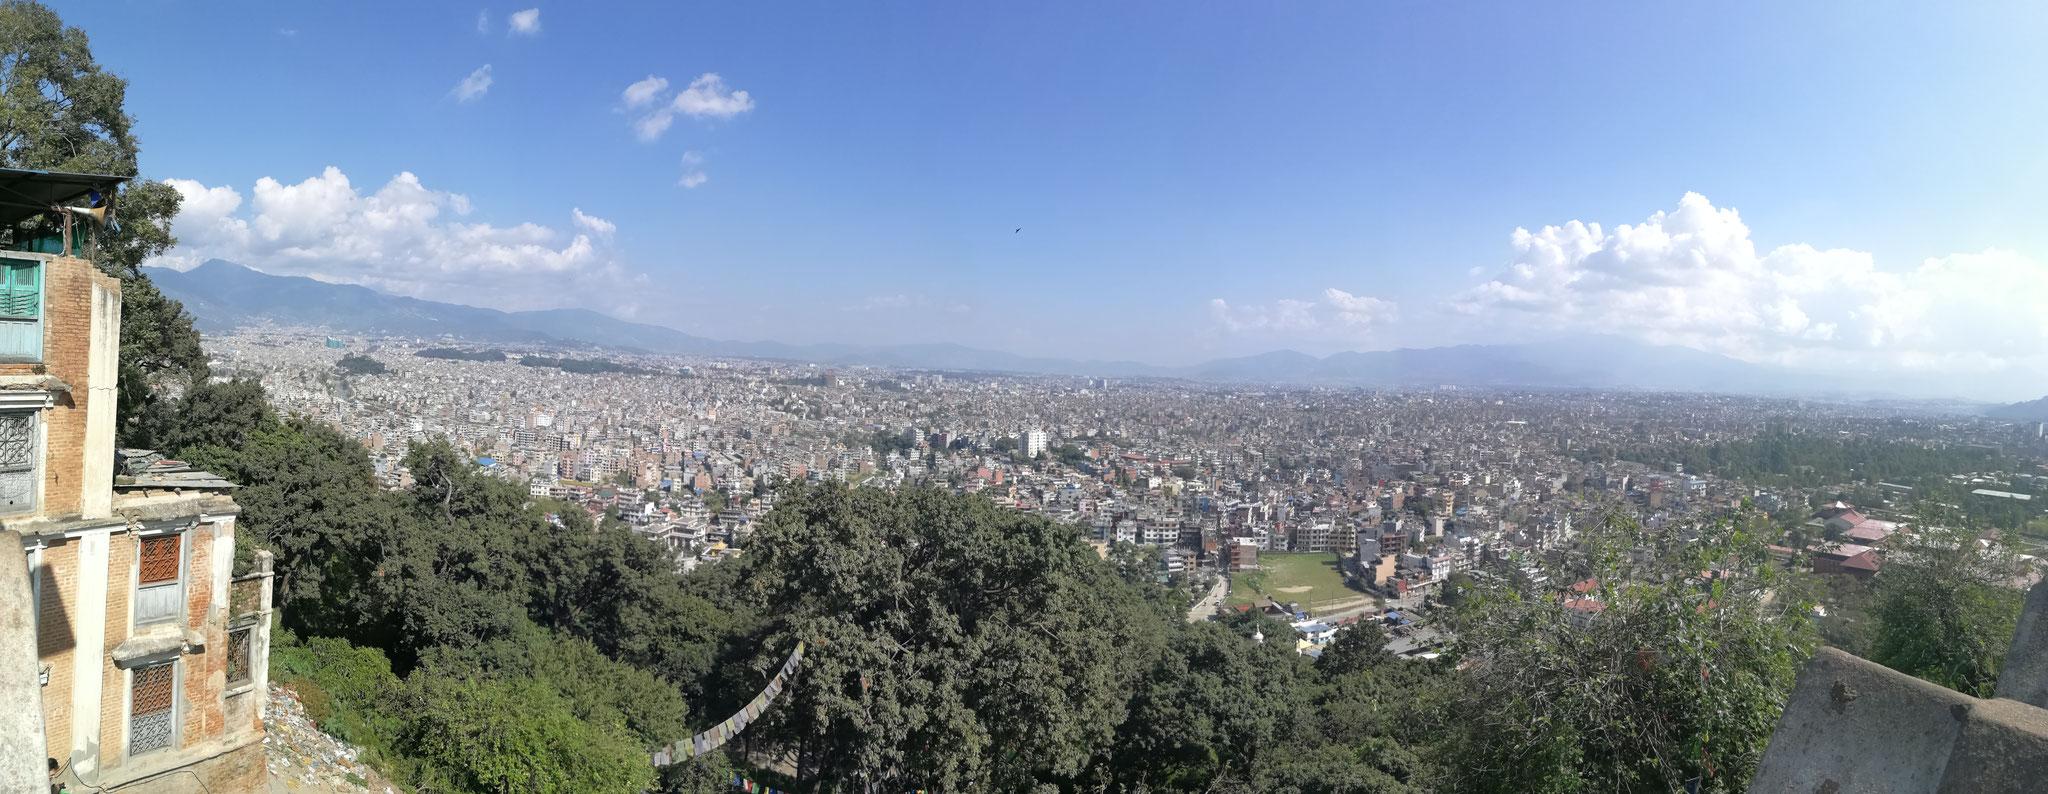 Katmandu depuis Swayambo'